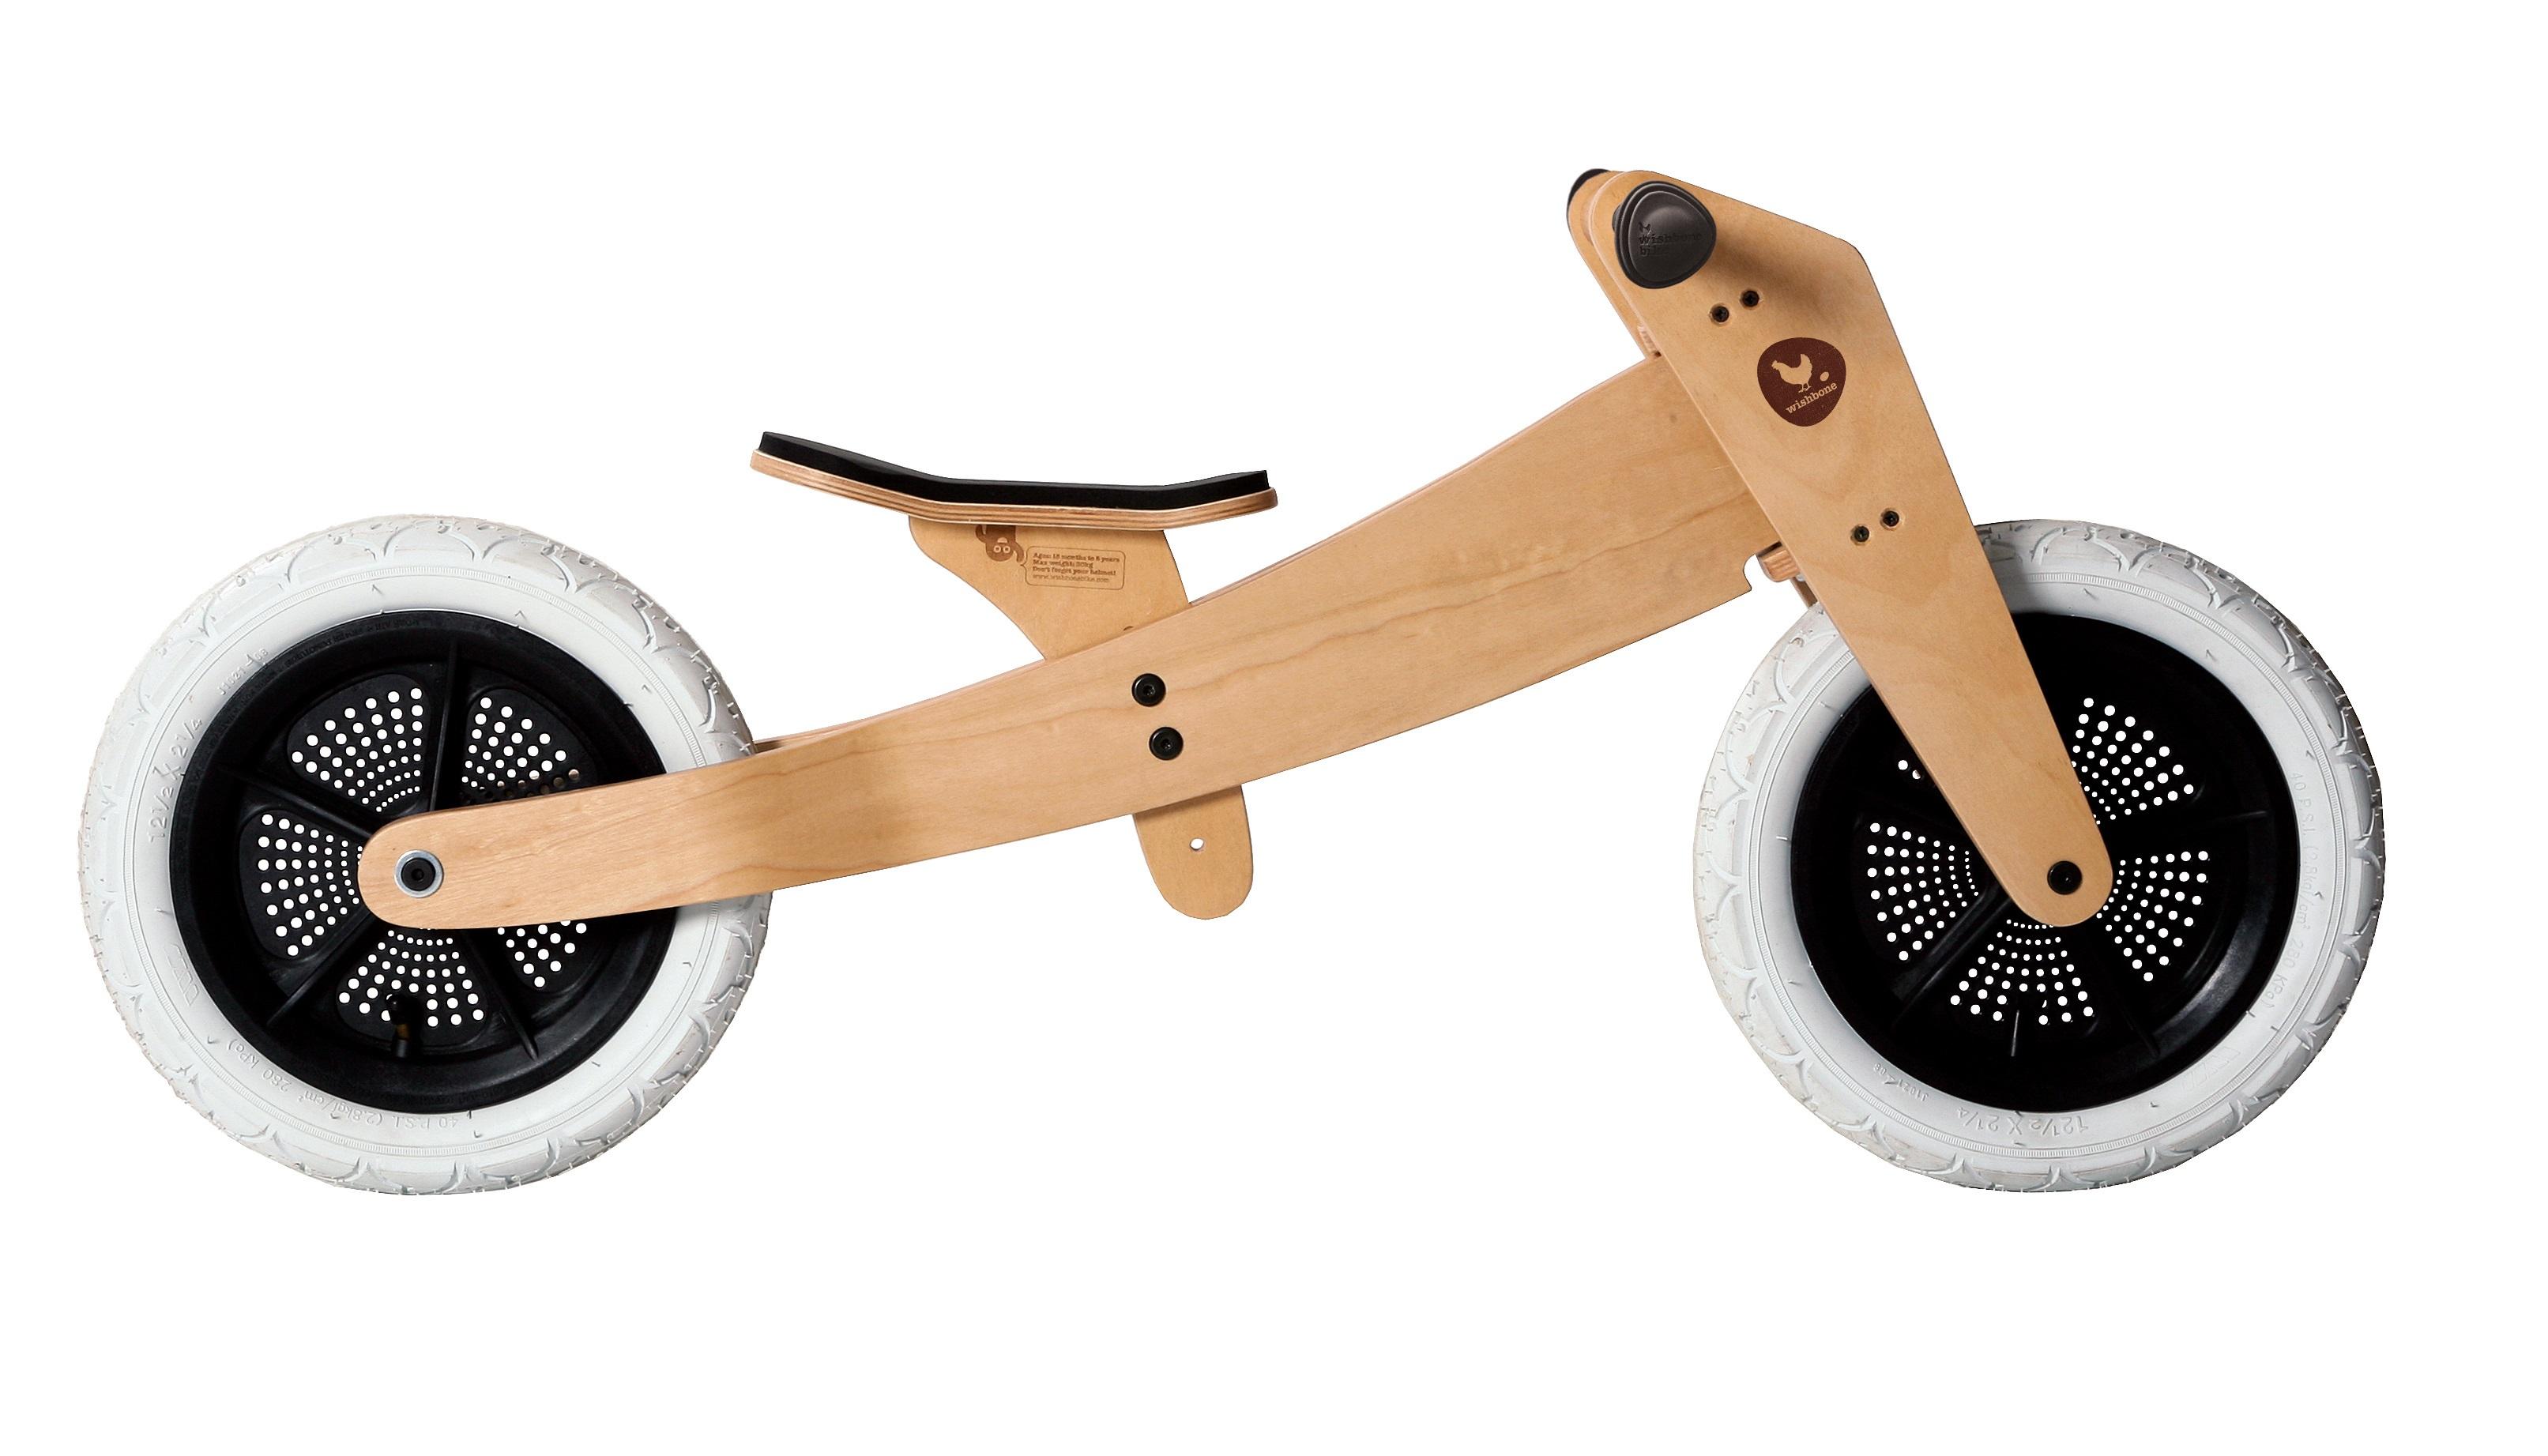 WishBone - Draisienne Wishbone Bike Original 2 en 1